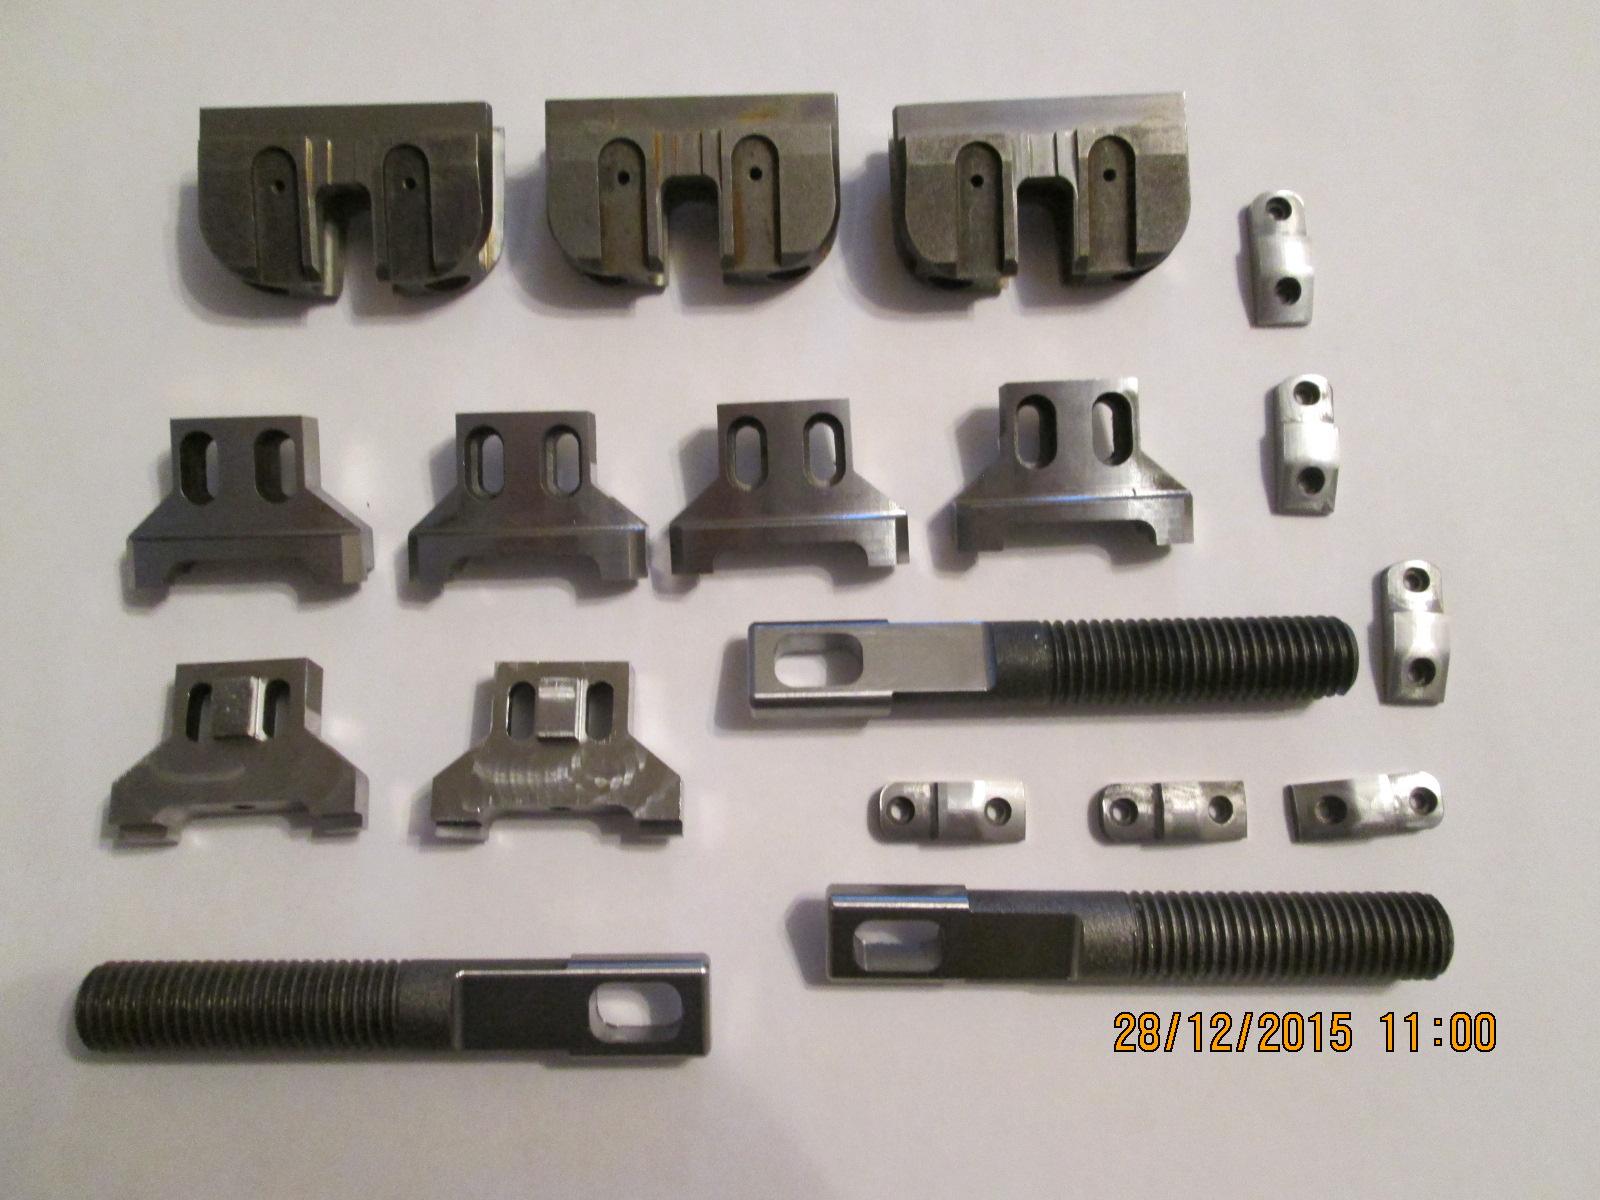 Клампинг в сборе, изготовление деталей по чертежам заказчика, механическая обработка металлов, заказать детали из металла, производители деталей из металла под заказ